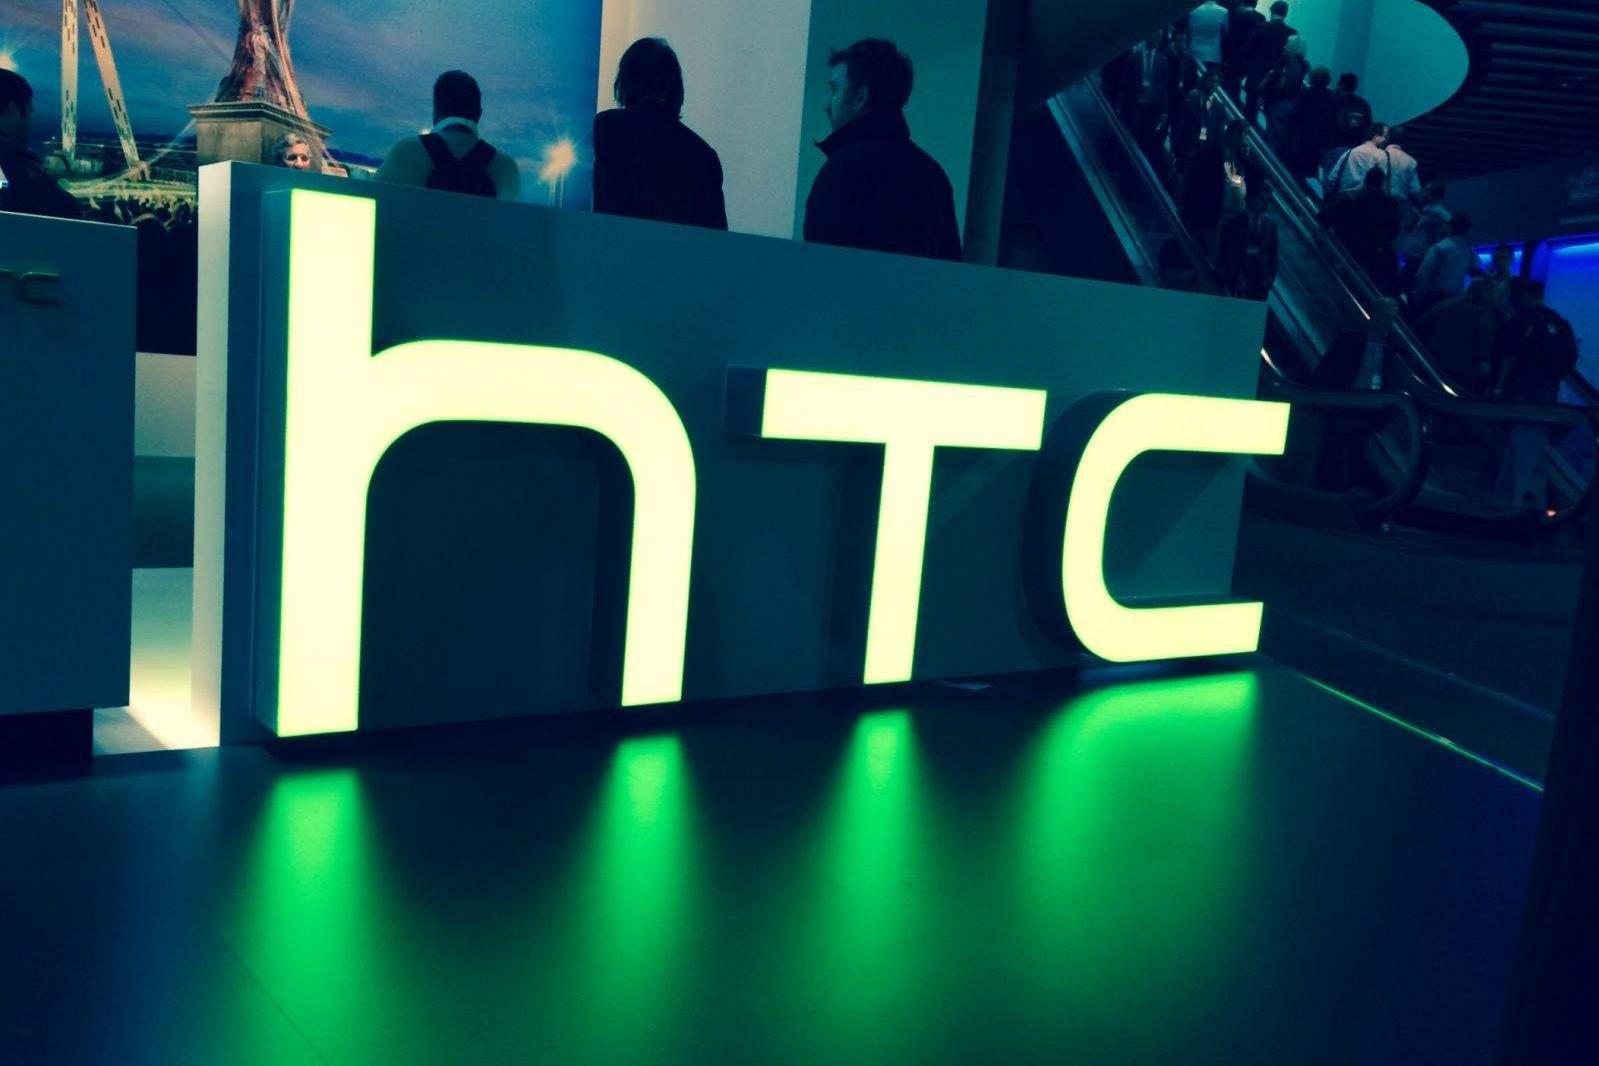 HTC sẽ tung ra tai nghe true wireless của riêng mình, tên là HTC TWS1, tổng dung lượng pin 480mAh